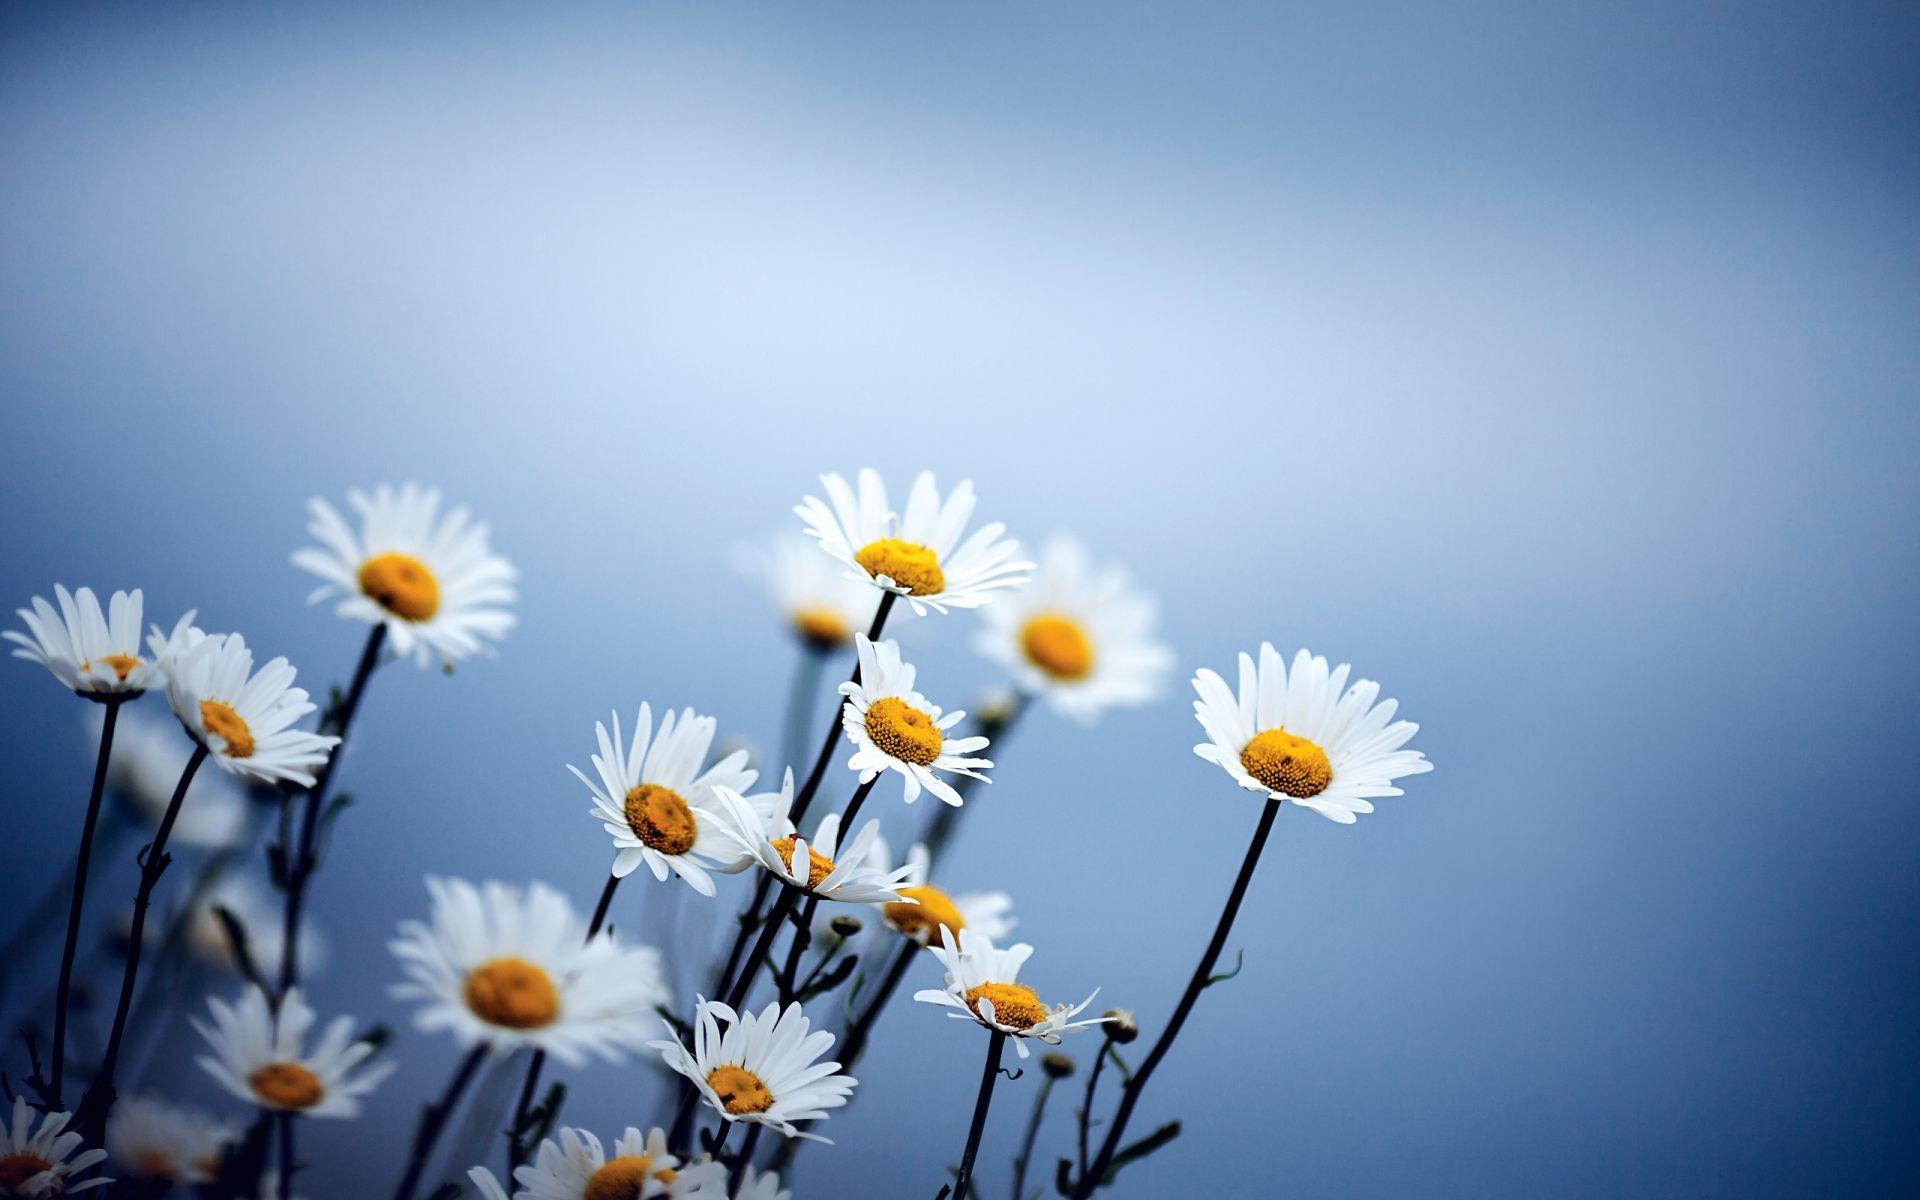 Бесплатно обои на рабочий стол полевые цветы скачать 9